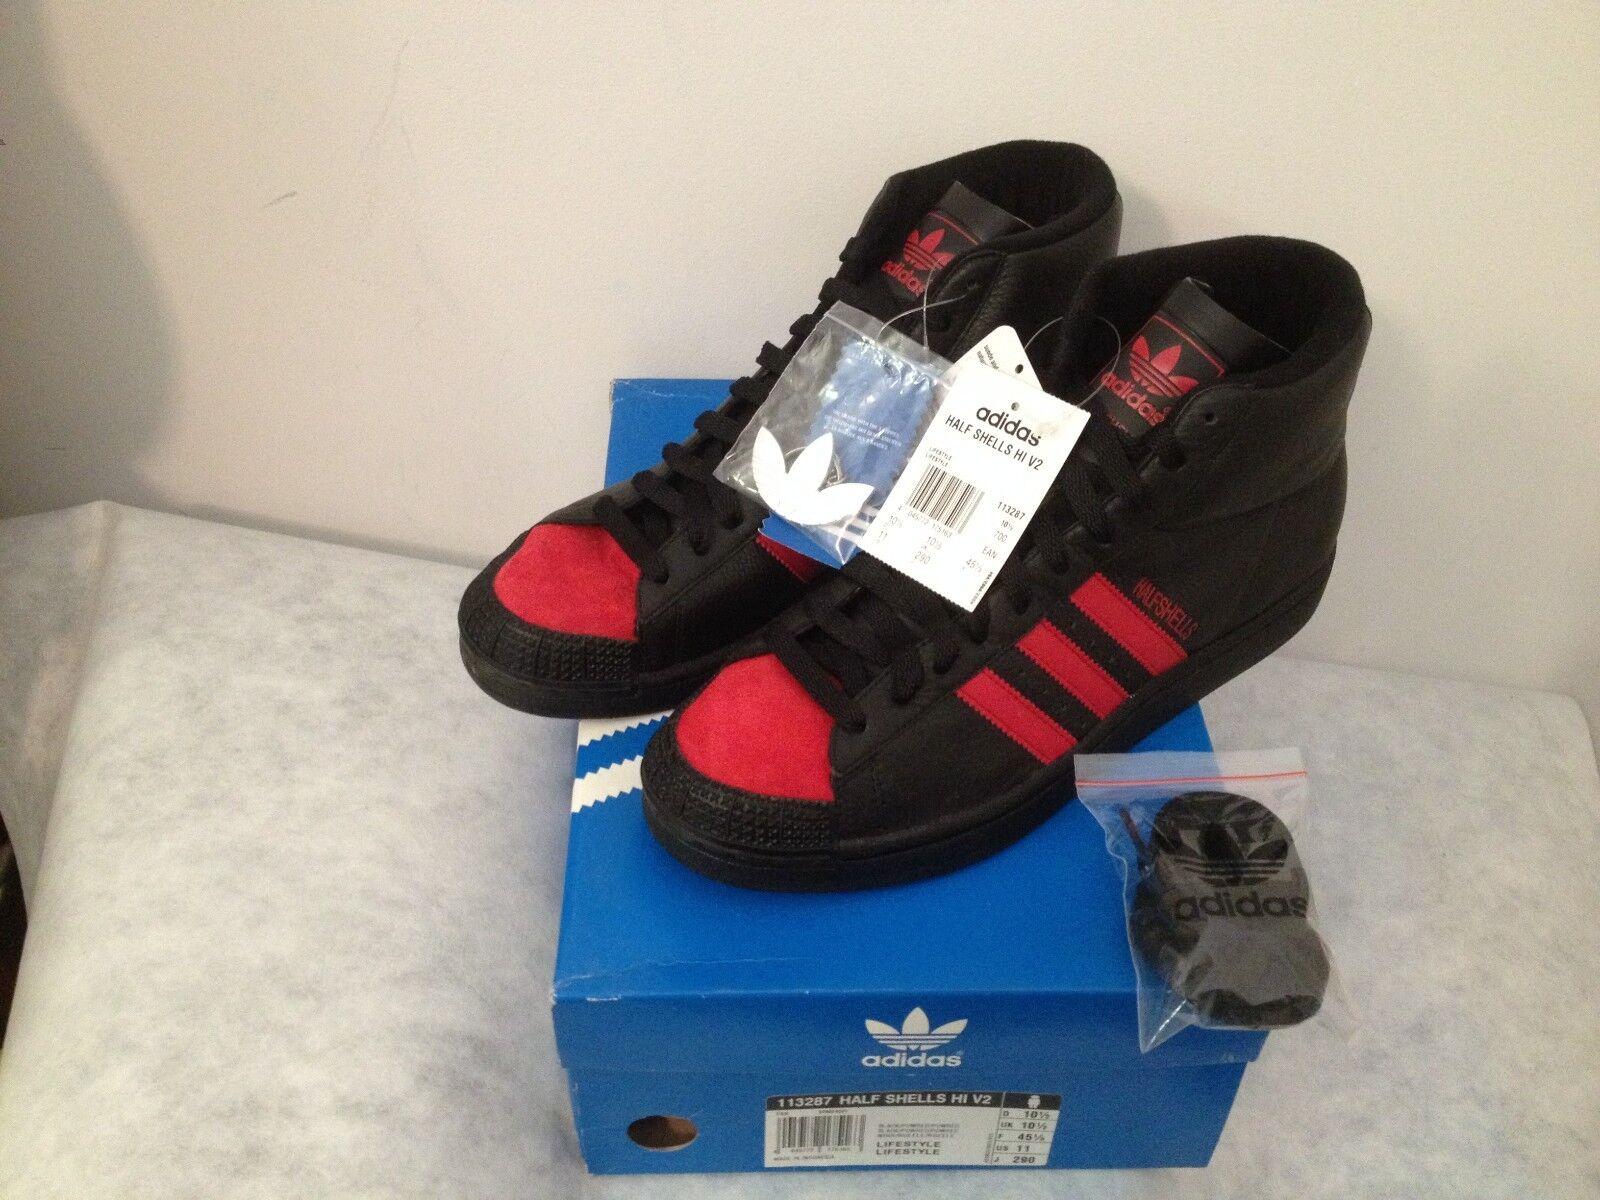 Adidas half shells Hi v2 en 45 113287 1/3 us 11 BNWT 113287 45 retro PROD. 06/2005 9038a9